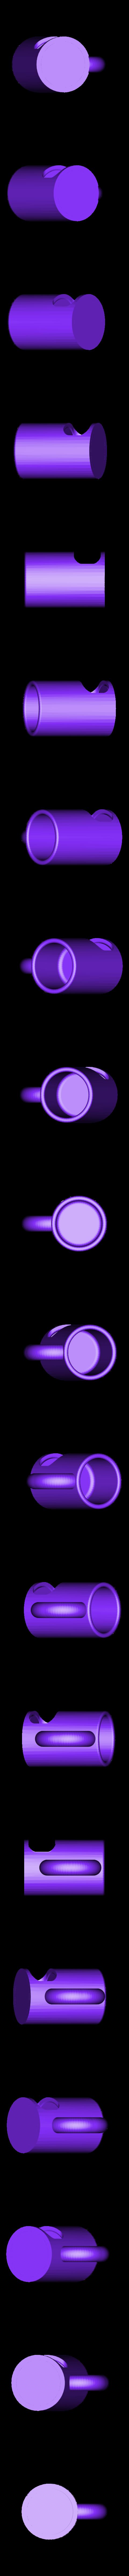 cookieMug.STL Télécharger fichier STL gratuit Tasse à biscuits • Plan pour imprimante 3D, Fydroy